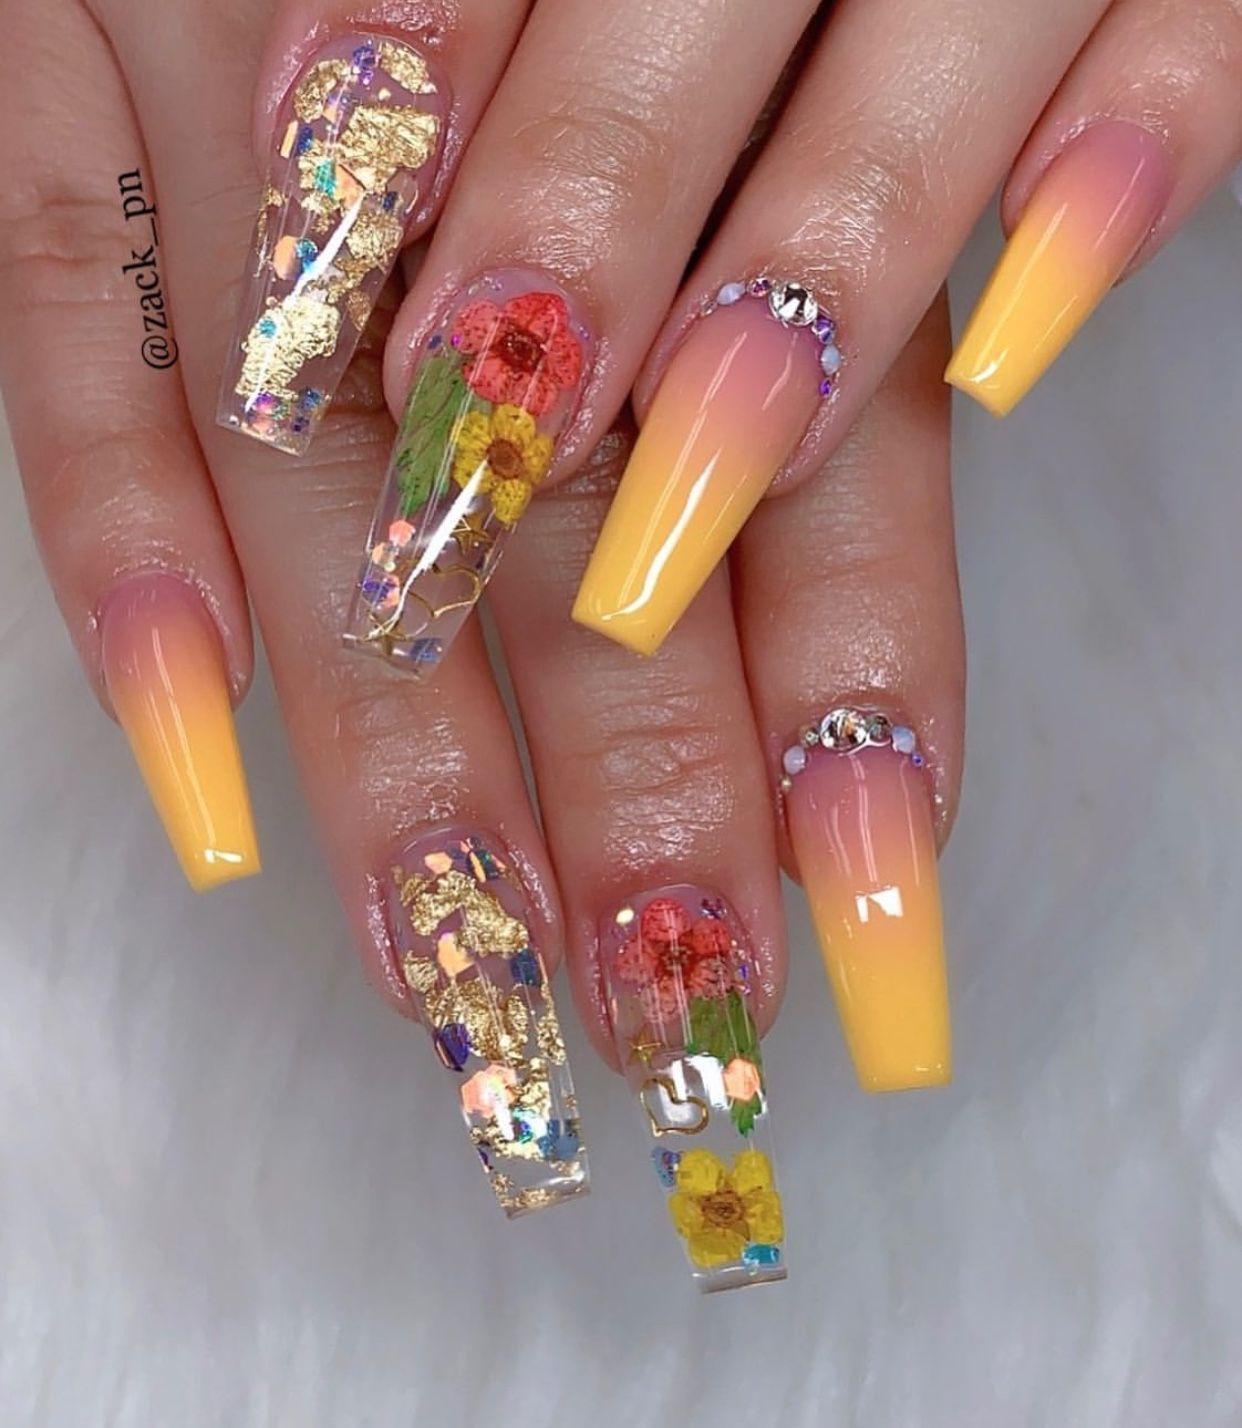 Nailart Naildesigns Nails Nailideas Nailsart Floral Nails Pretty Acrylic Nails Fabulous Nails